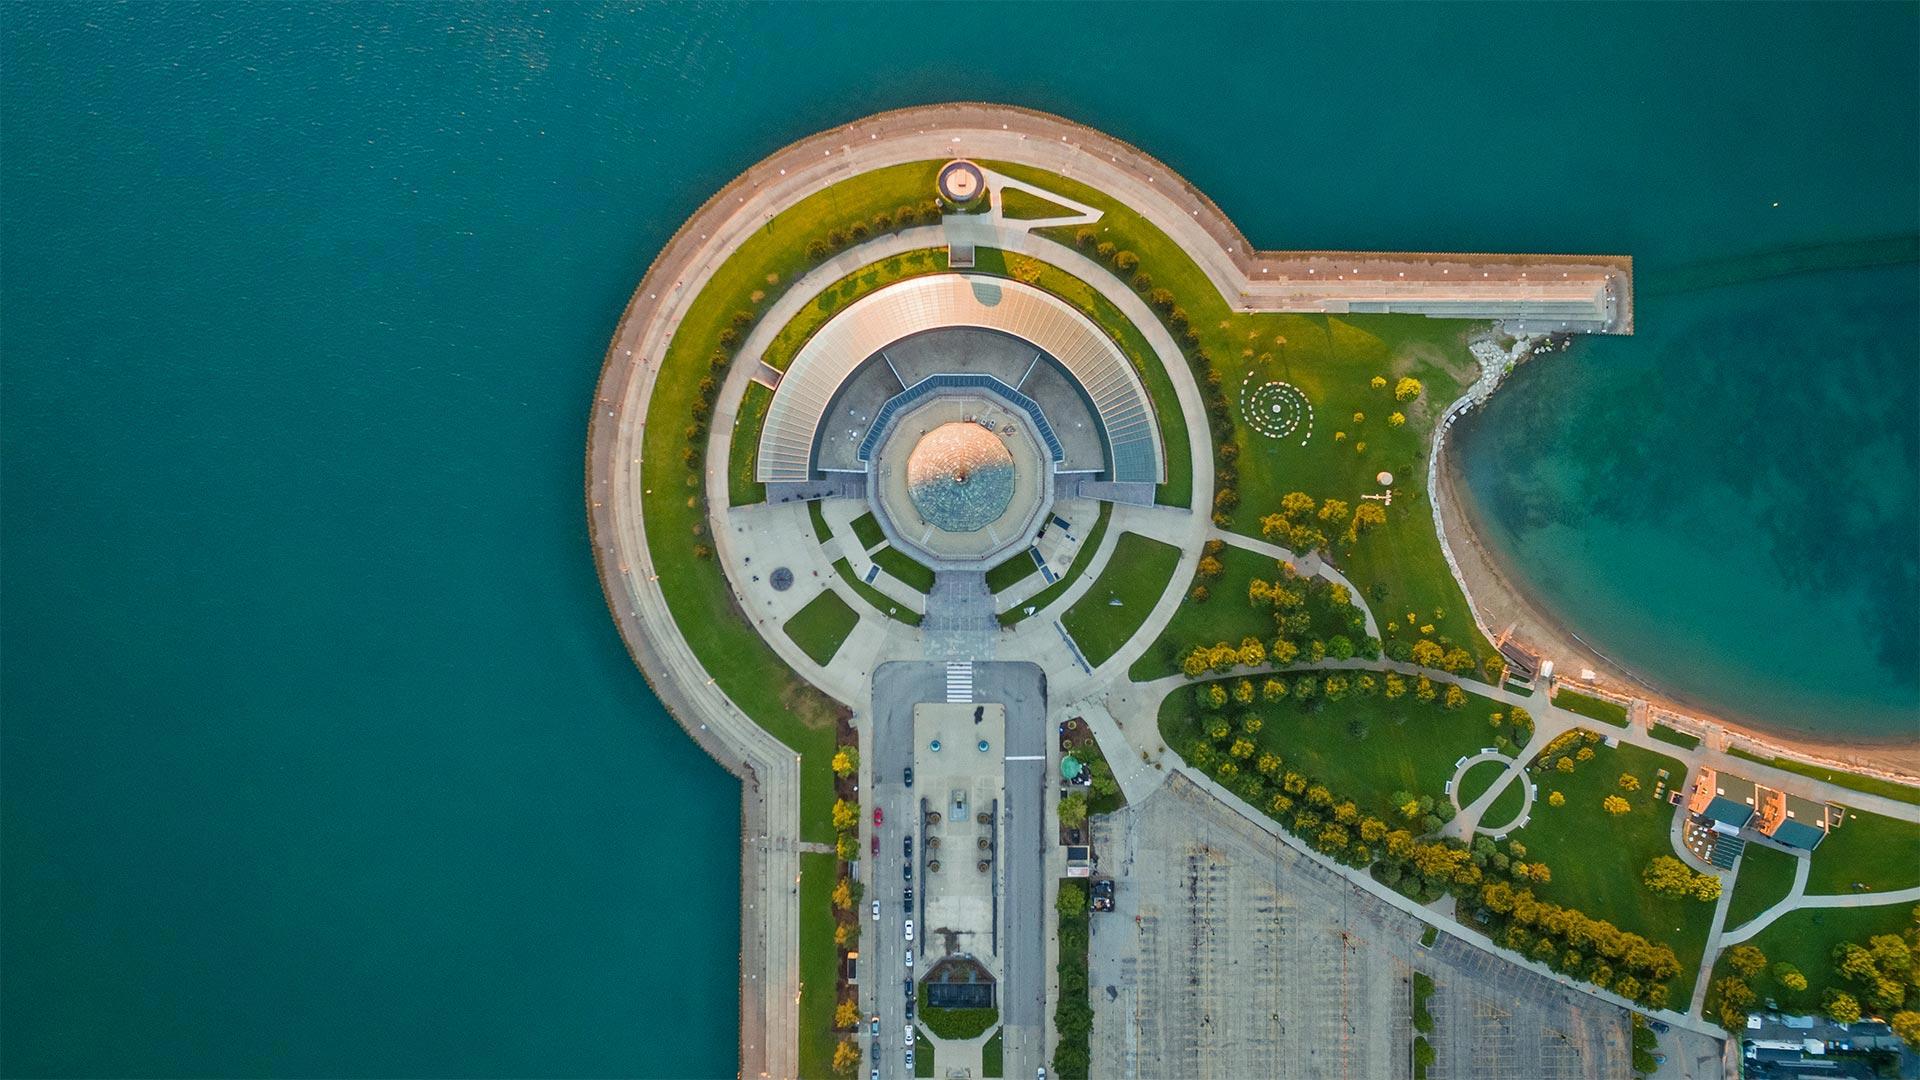 「ミシガン湖近くのアドラープラネタリウム」米国, イリノイ州, シカゴ (© Amazing Aerial Agency/Offset by Shutterstock)